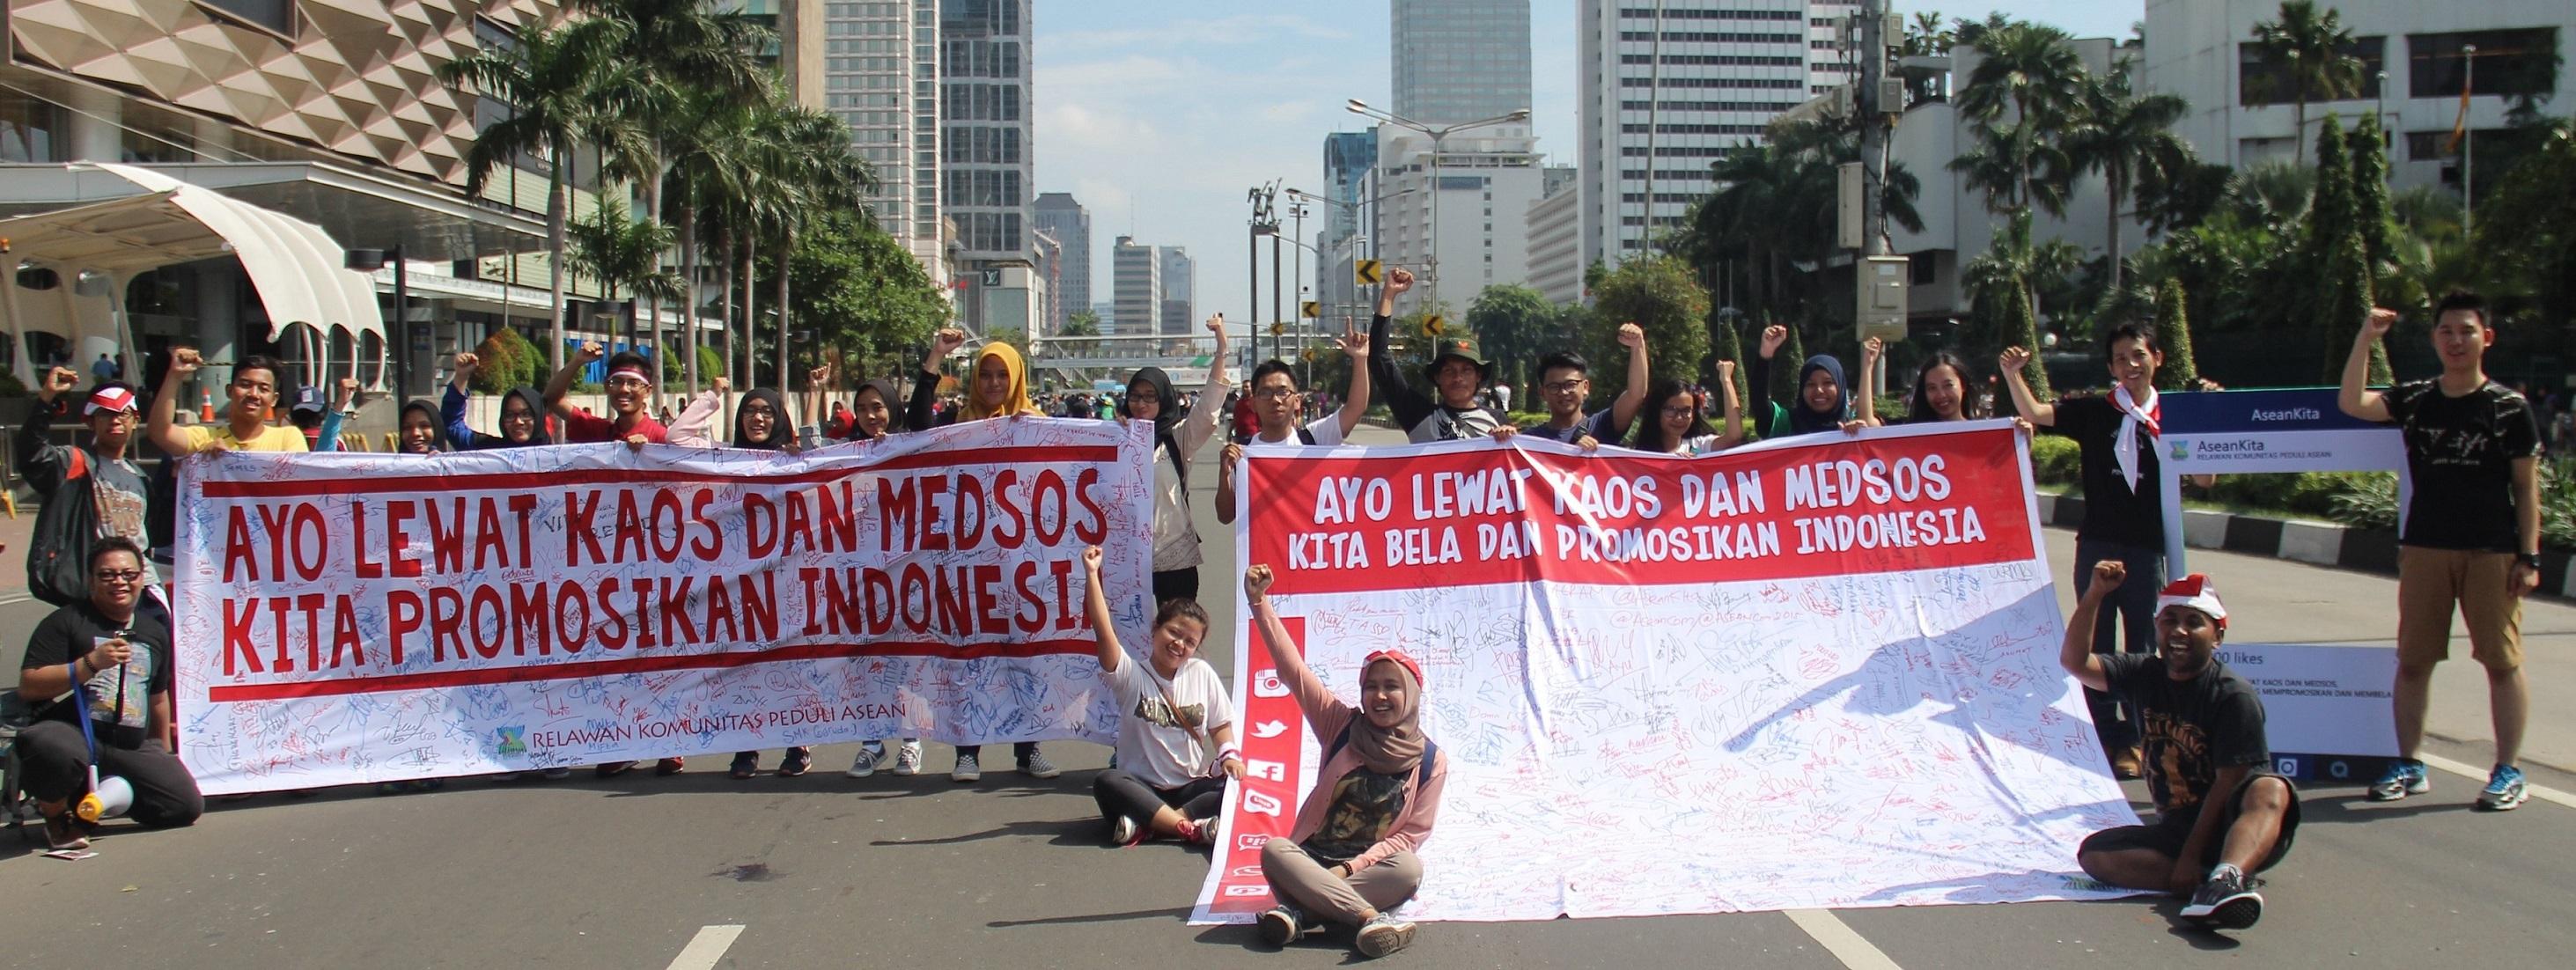 RELAWAN KOMUNITAS PEDULI ASEAN-1